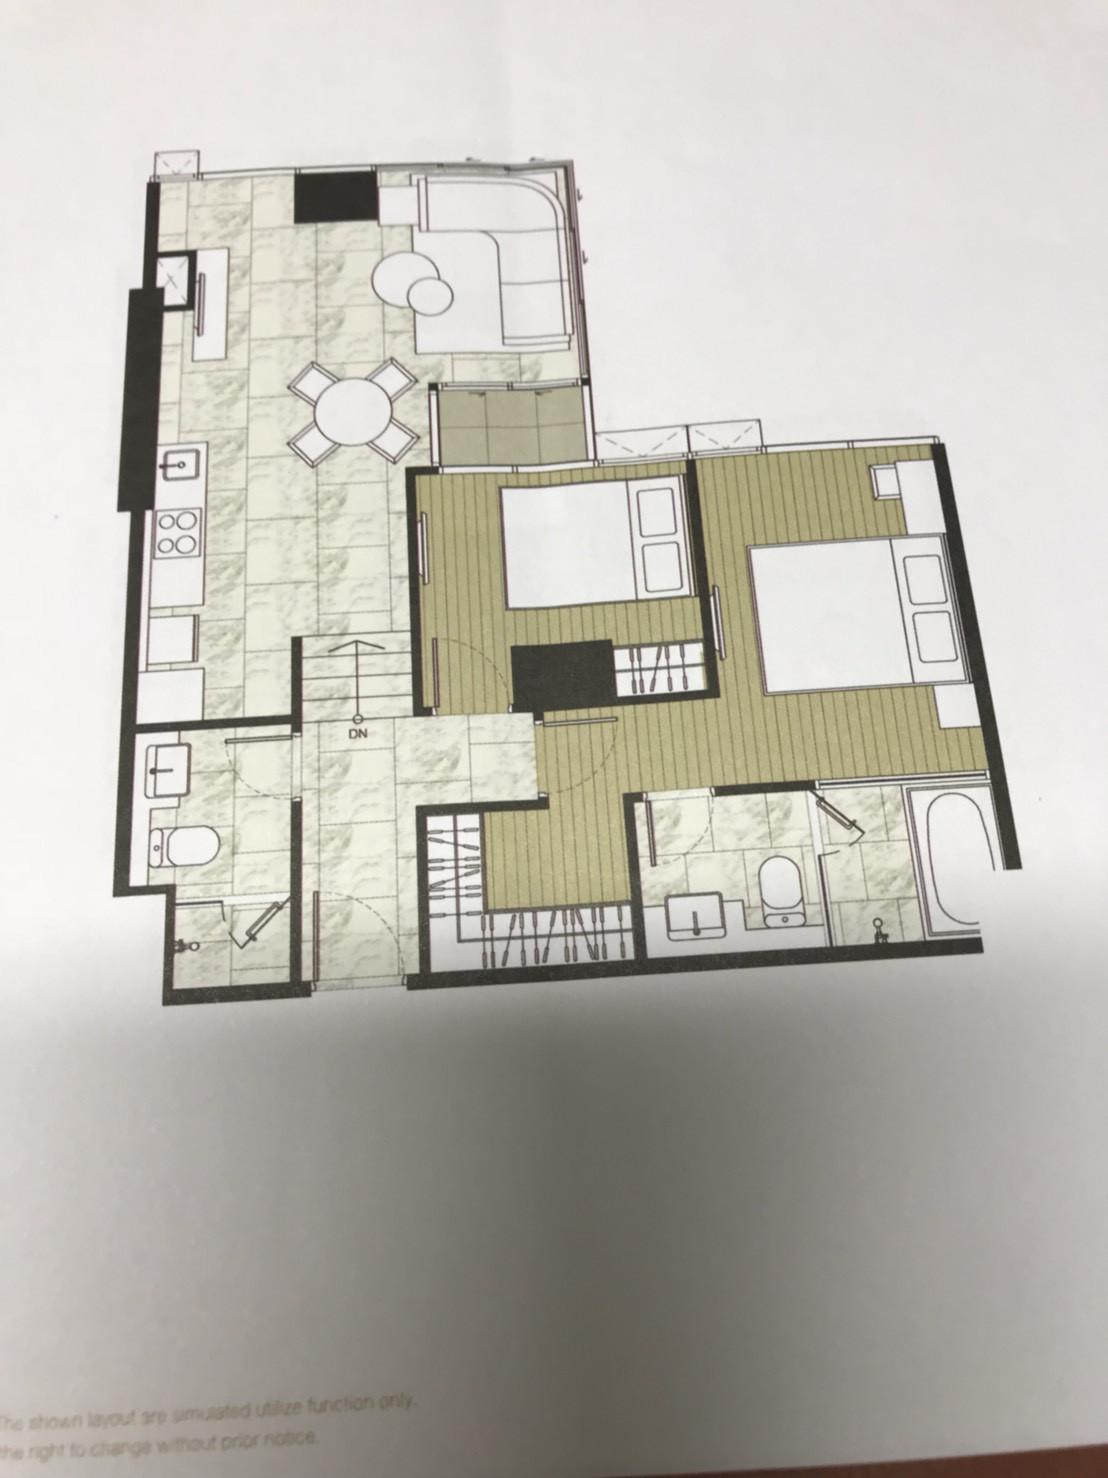 รูปของประกาศขายดาวน์คอนโดแอชตัน สีลม(2 ห้องนอน)(4)